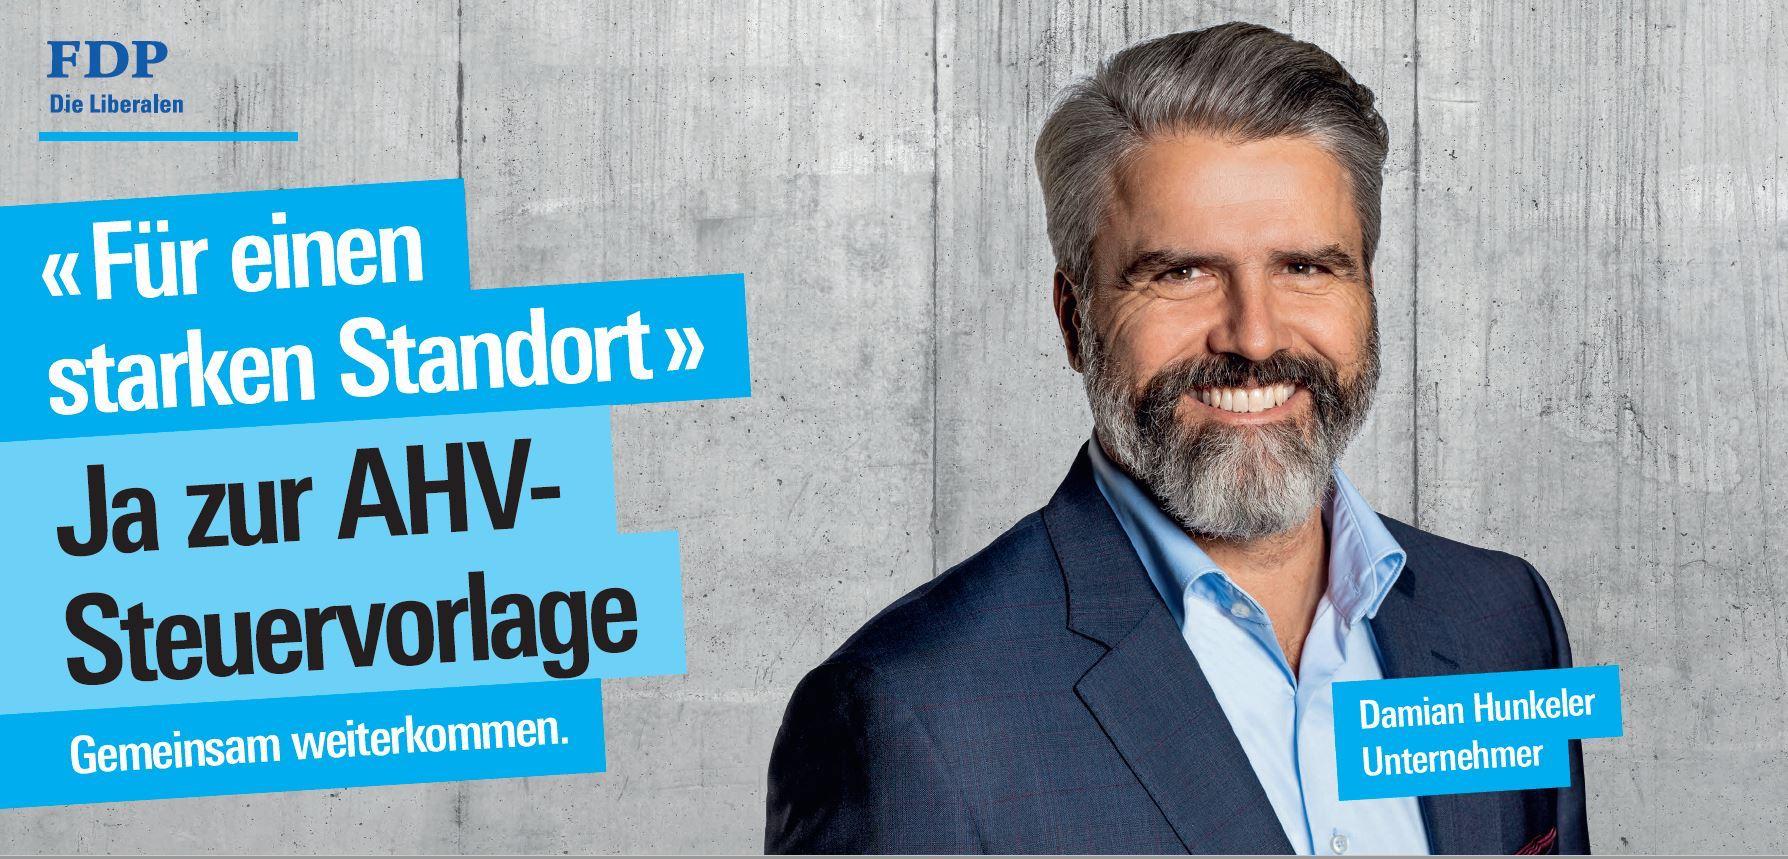 Damian Hunkeler, Luzerner FDP-Kantonsrat und Unternehmer, wirbt für die STAF-Vorlage.